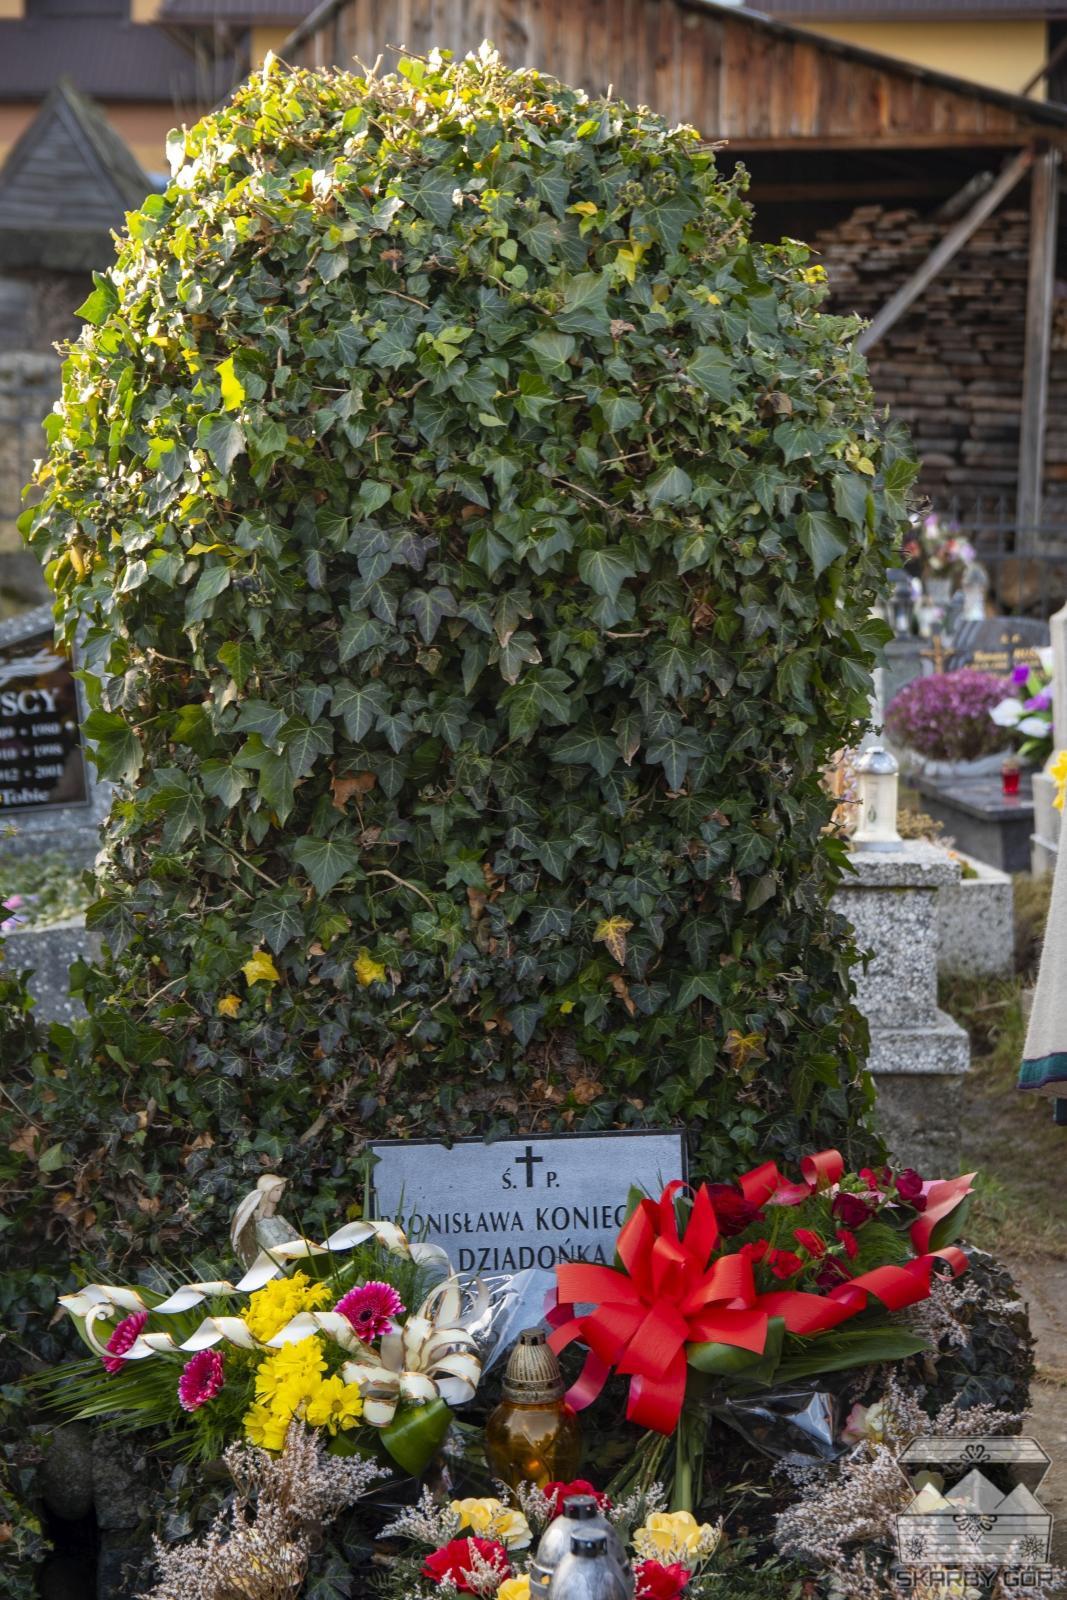 XIII Spotkanie Muzyk Podhalańskich Dziadońcyne Granie - Złożenie kwiatów na grobie Dziadońki